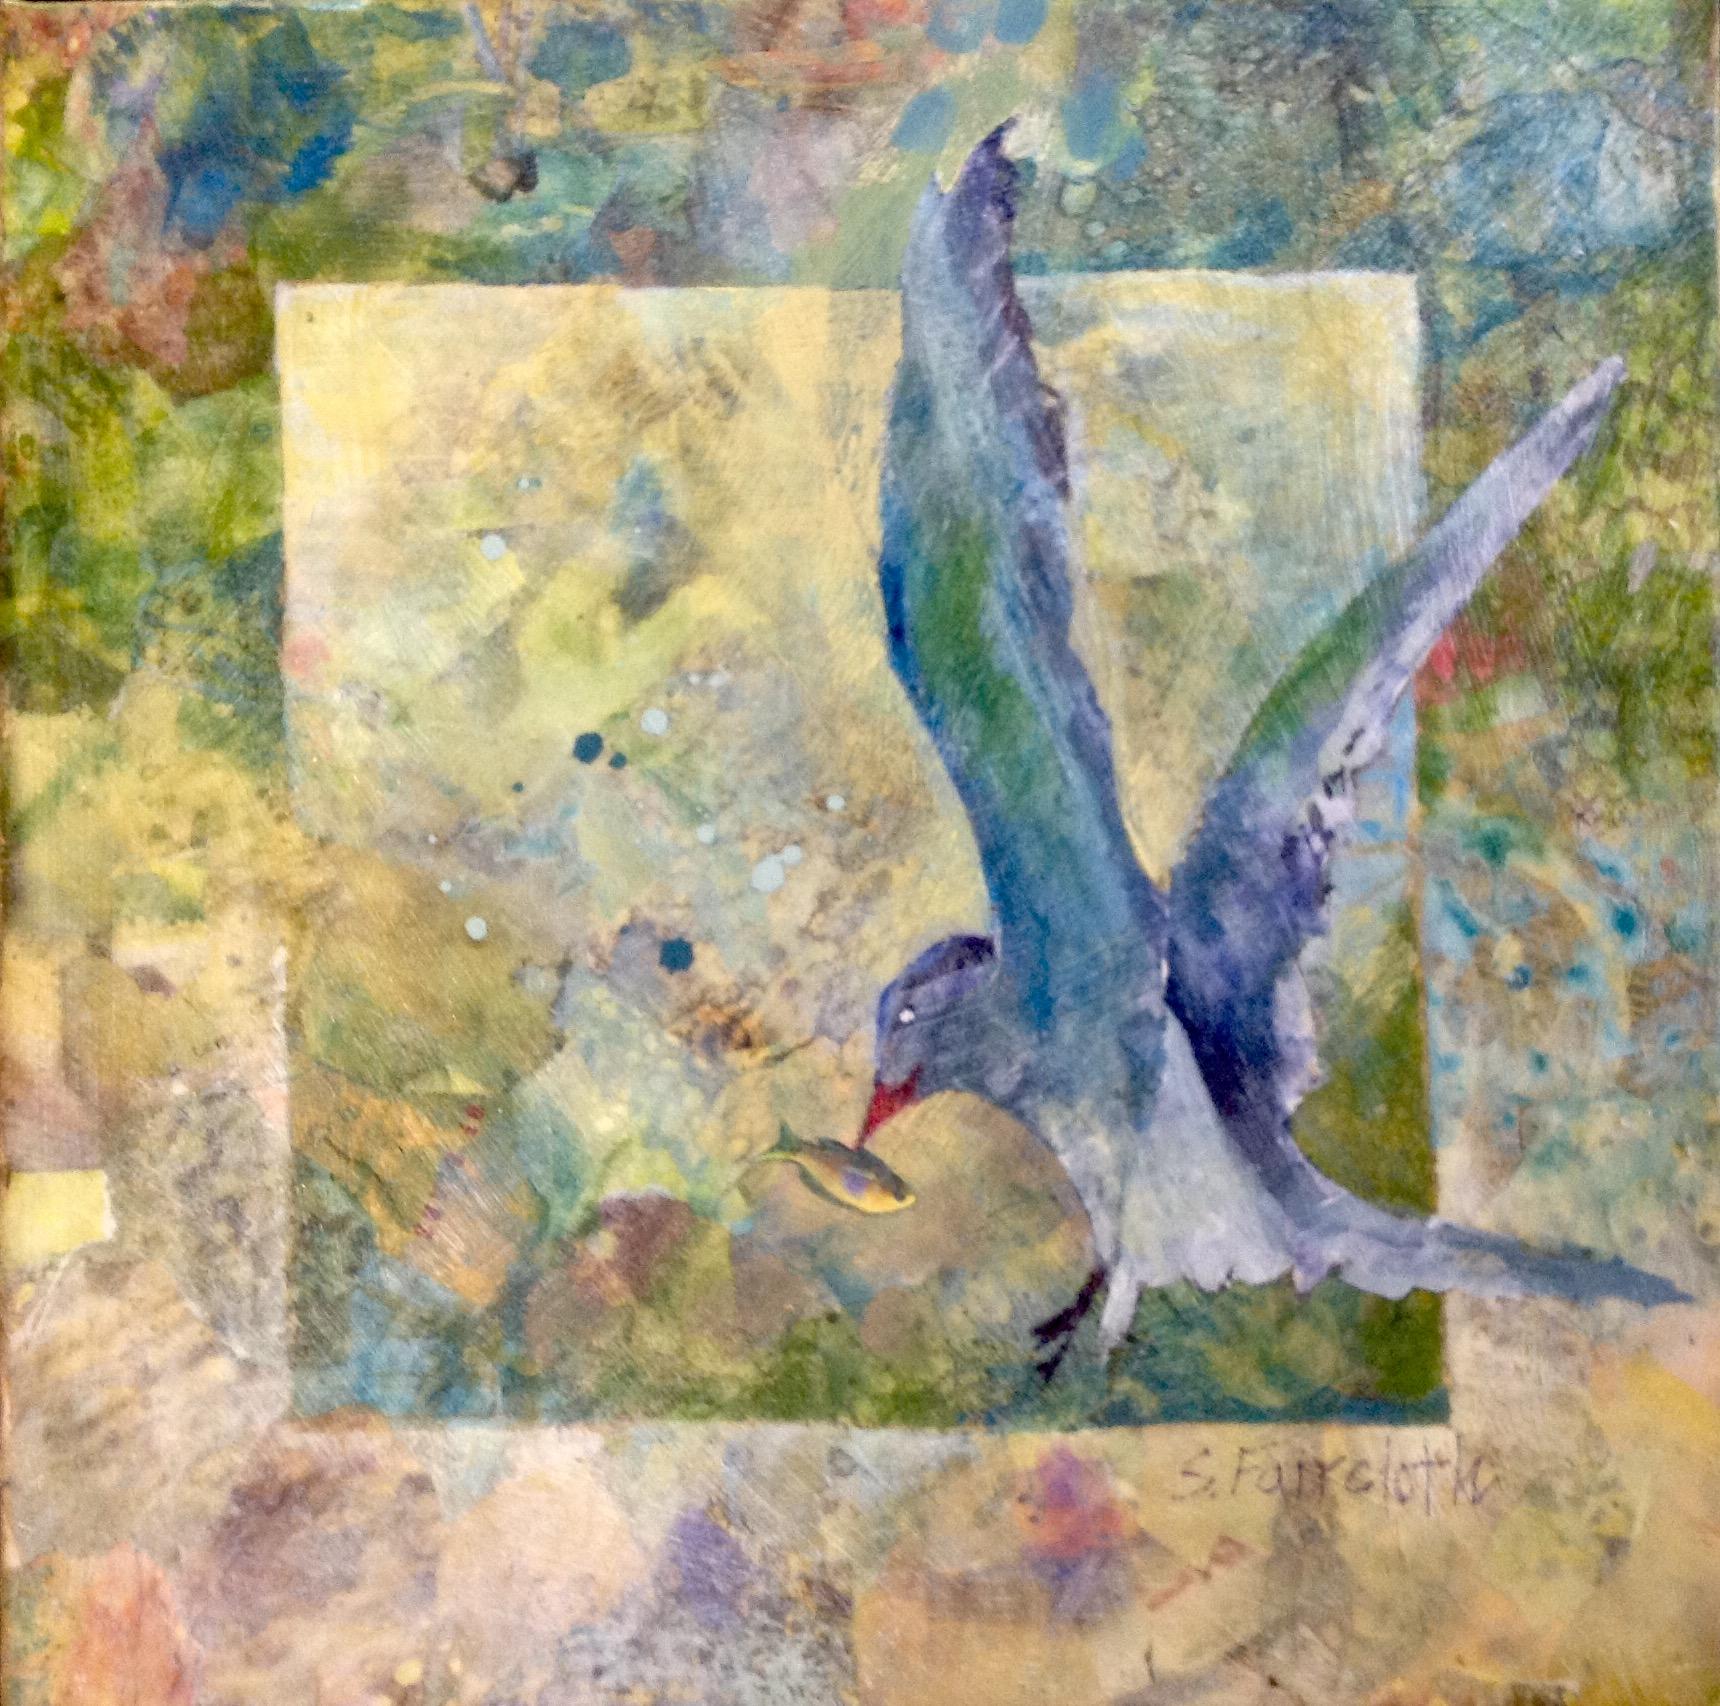 """Susan Faircloth - """"Hummingbird"""""""